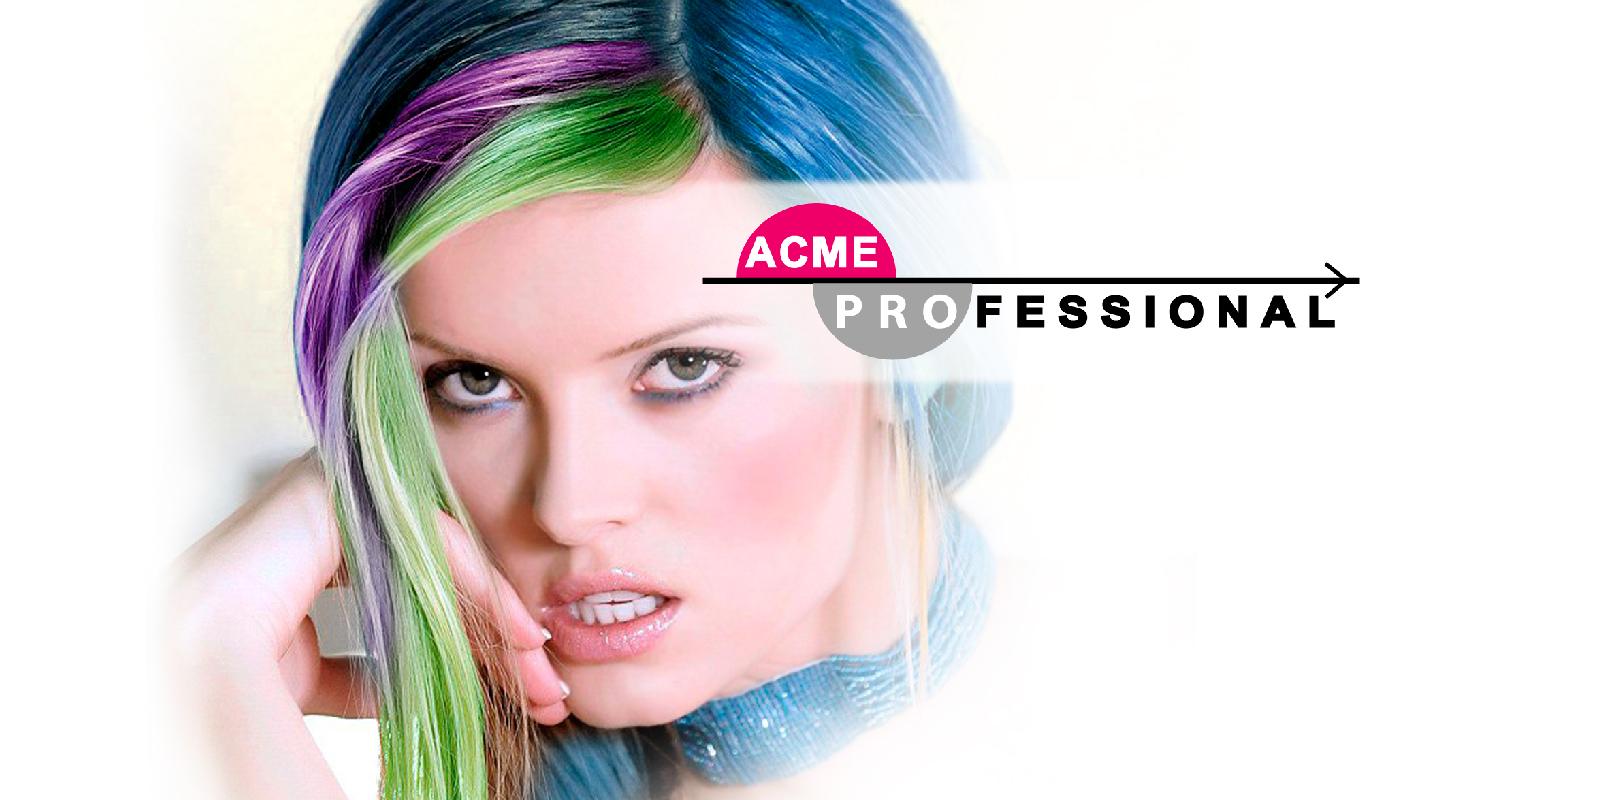 TM Аcme;;;;;;Разработка логотипа (краски для волос);;;;;;<span>Клиент:</span> TM Аcme;;;;;;;;;;;;Разработка логотипа (краски для волос);;;;;;1